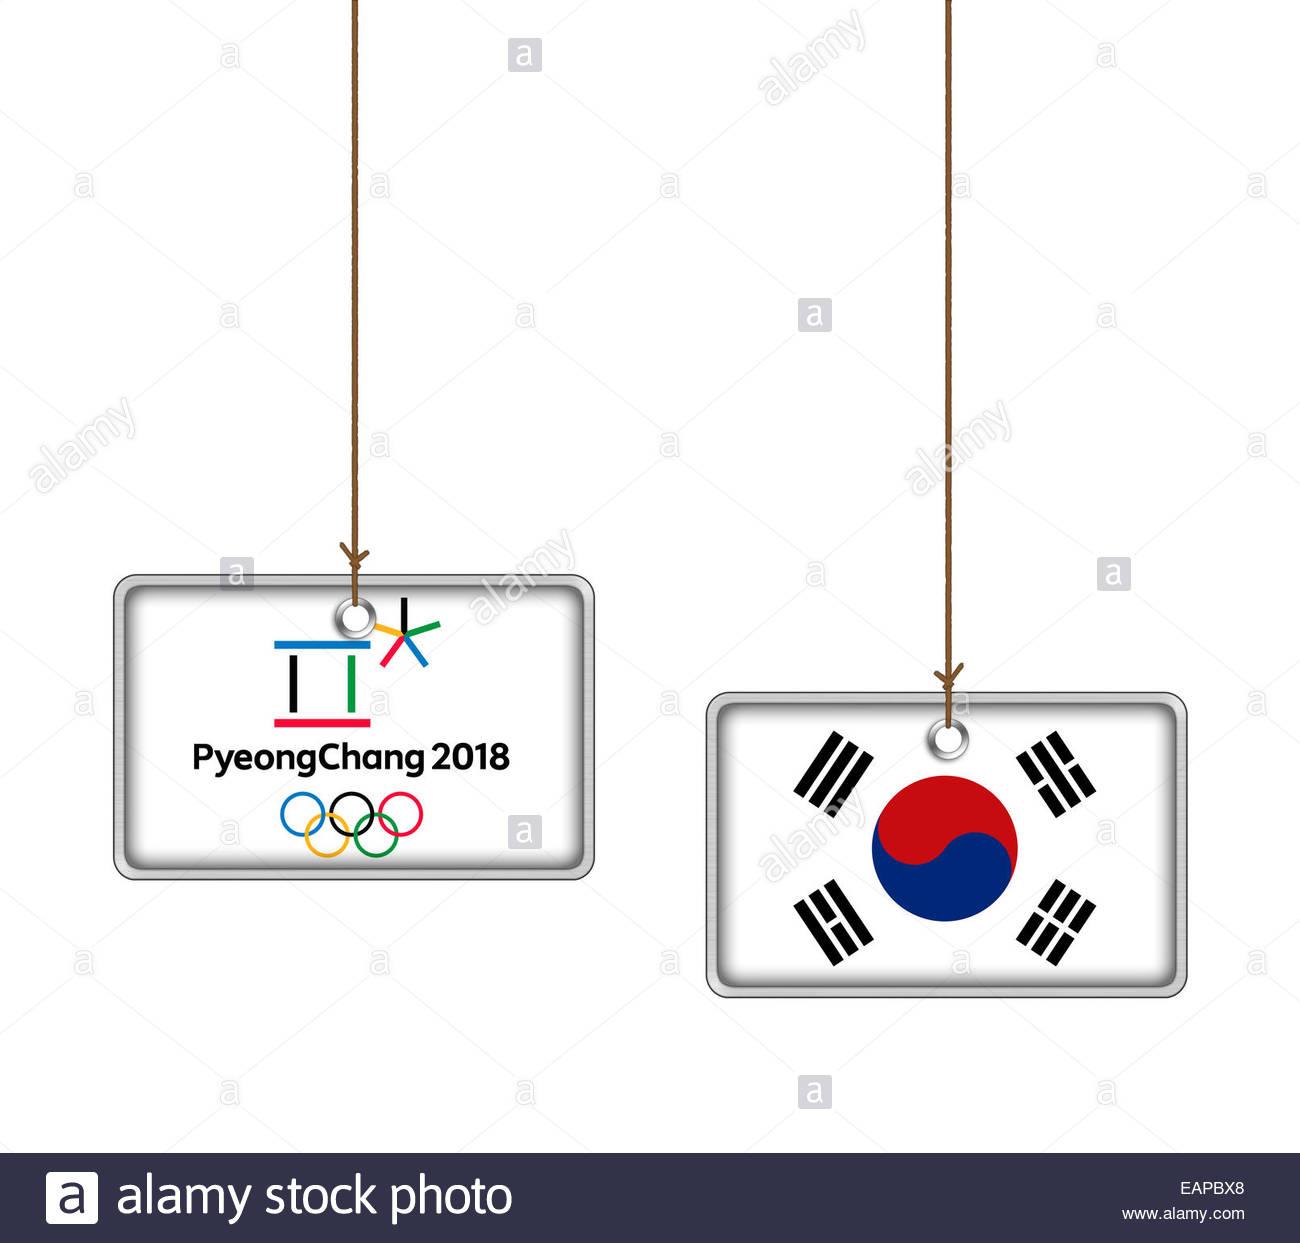 Pyeongchang 2018 Juegos Olimpicos De Invierno En Corea Del Sur